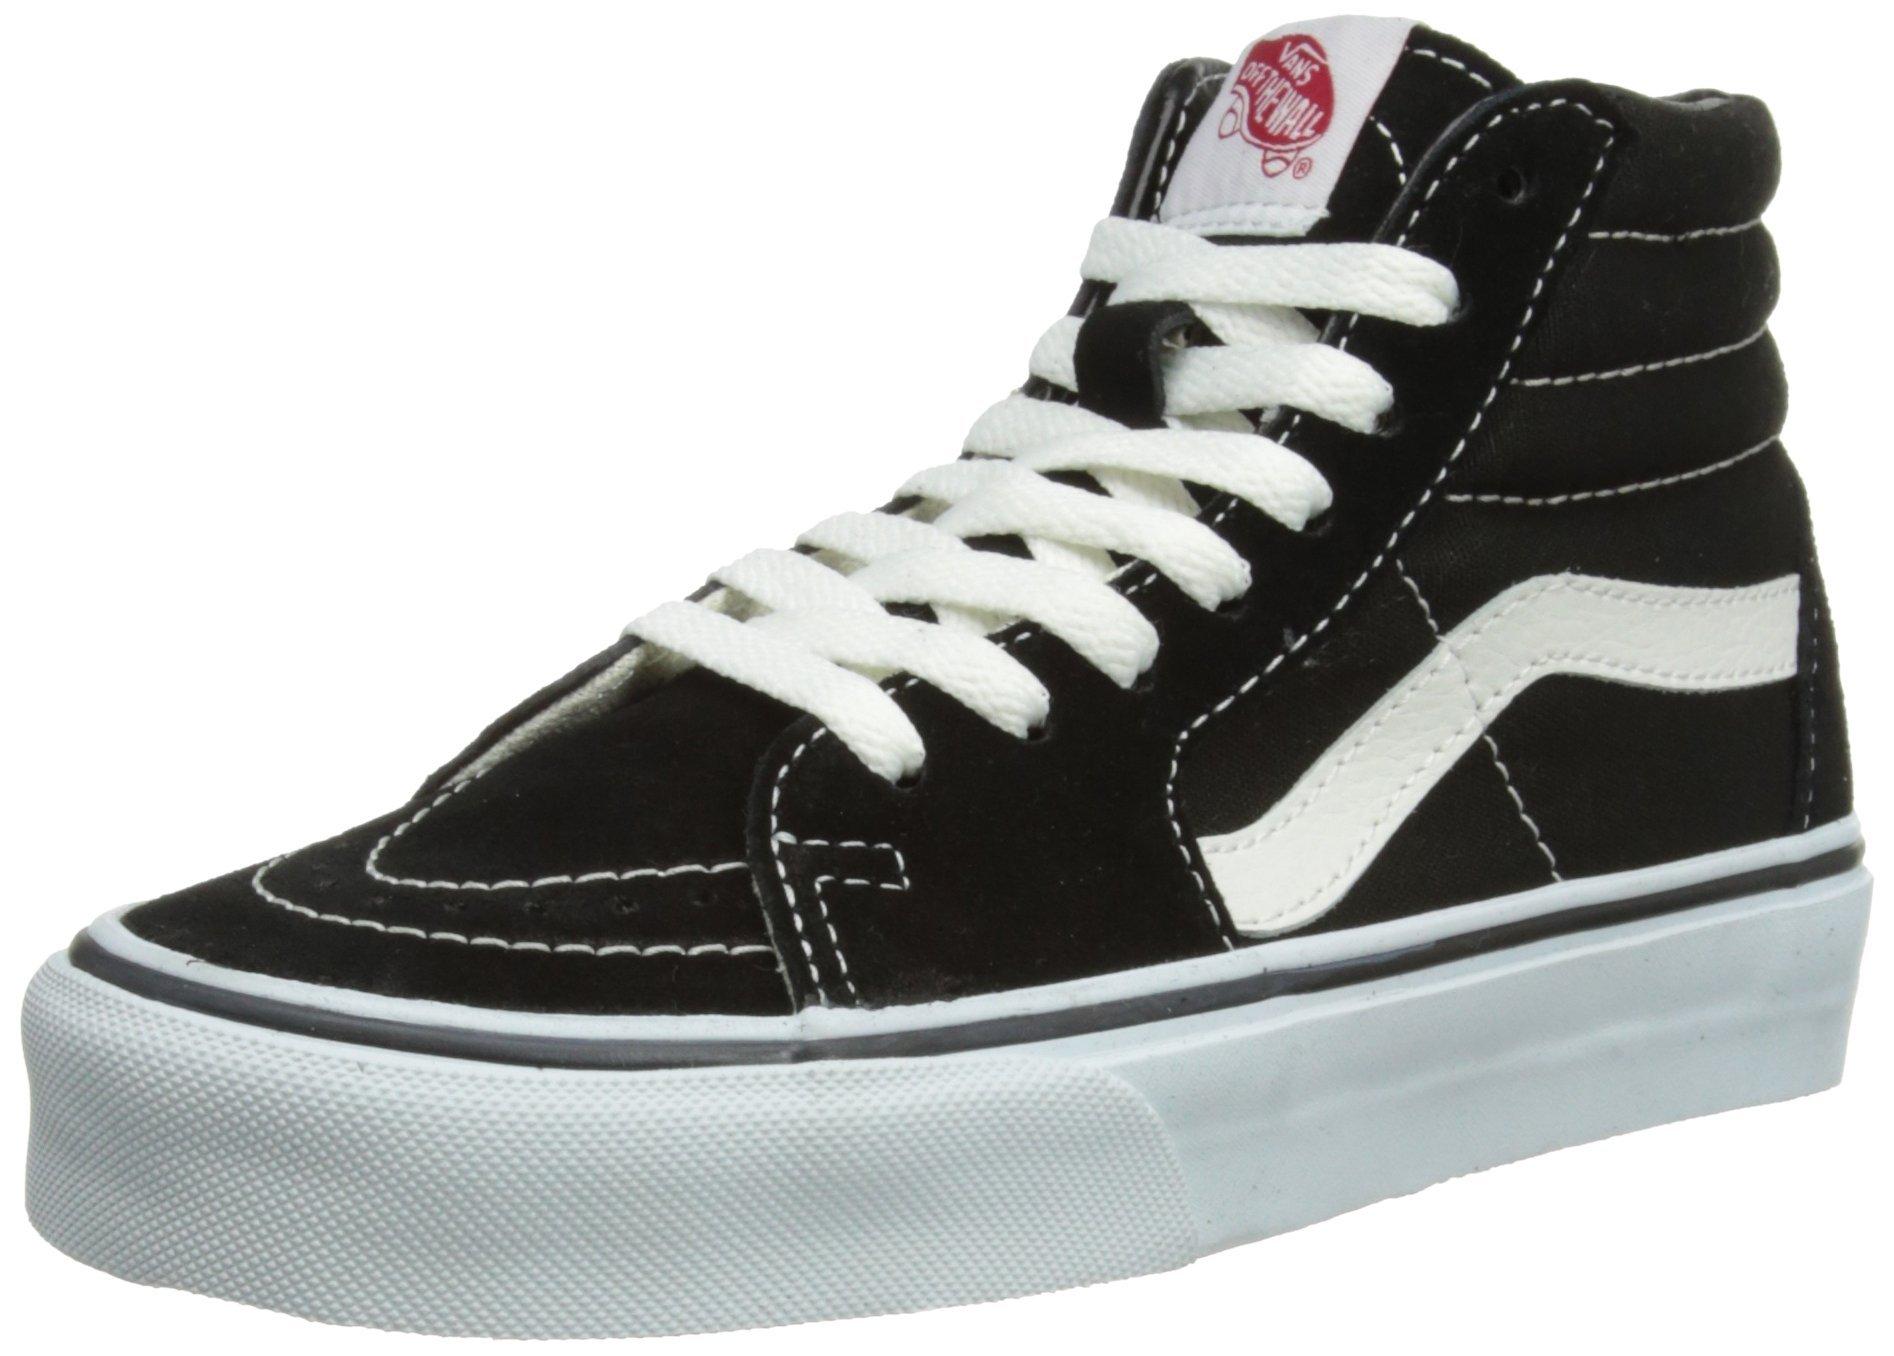 Vans Sk8-Hi Black White Skate VN-0D5IB8C Mens US 6